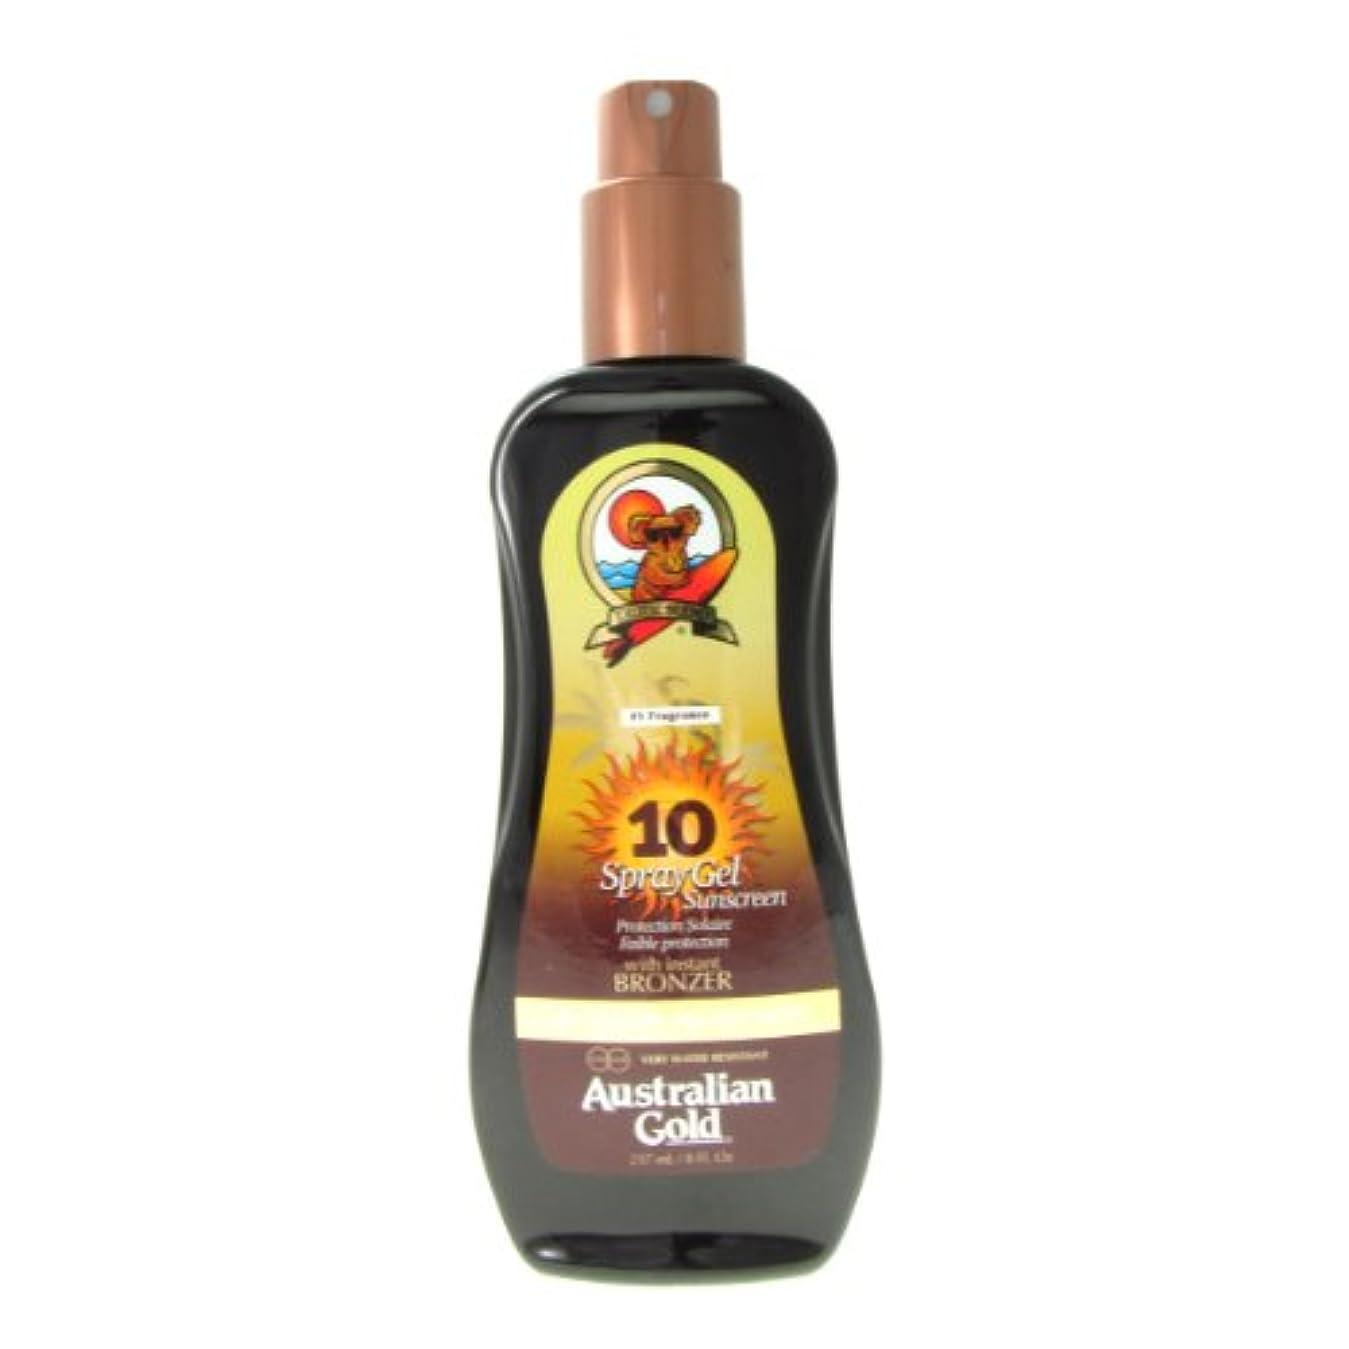 フェリーズームインする重要なAustralian Gold Spray Gel Spf10 Instant Bronzer 237ml [並行輸入品]